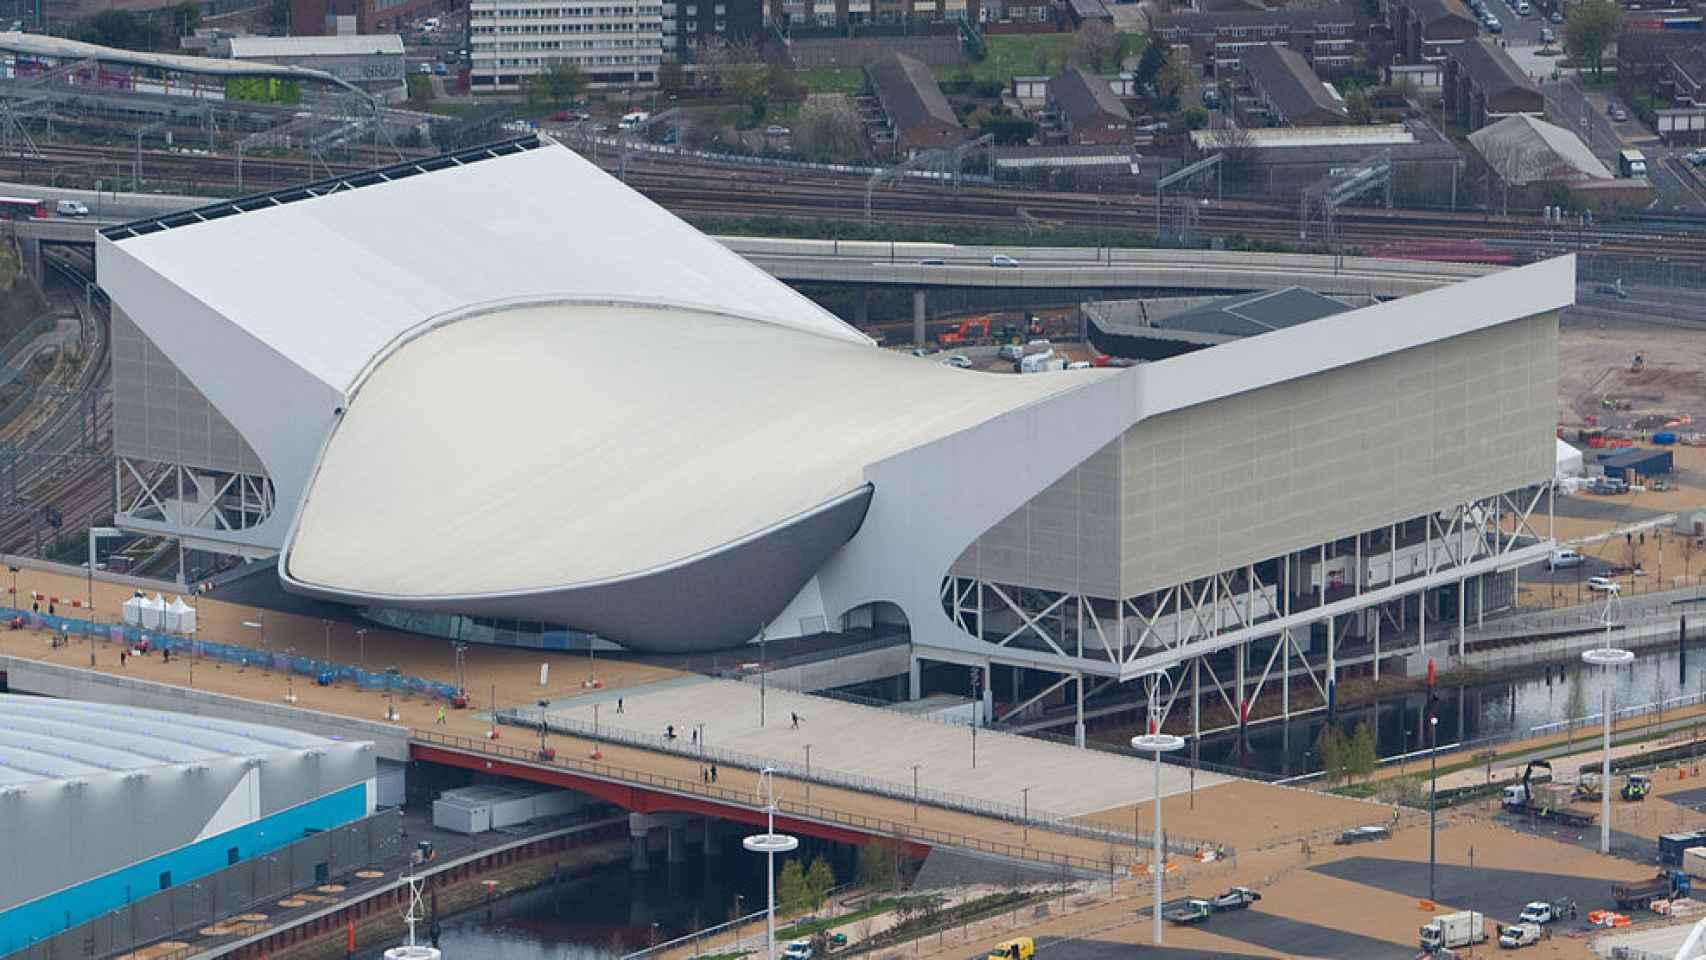 Centro Acuático de los Juegos Olímpicos de Londres 2012.